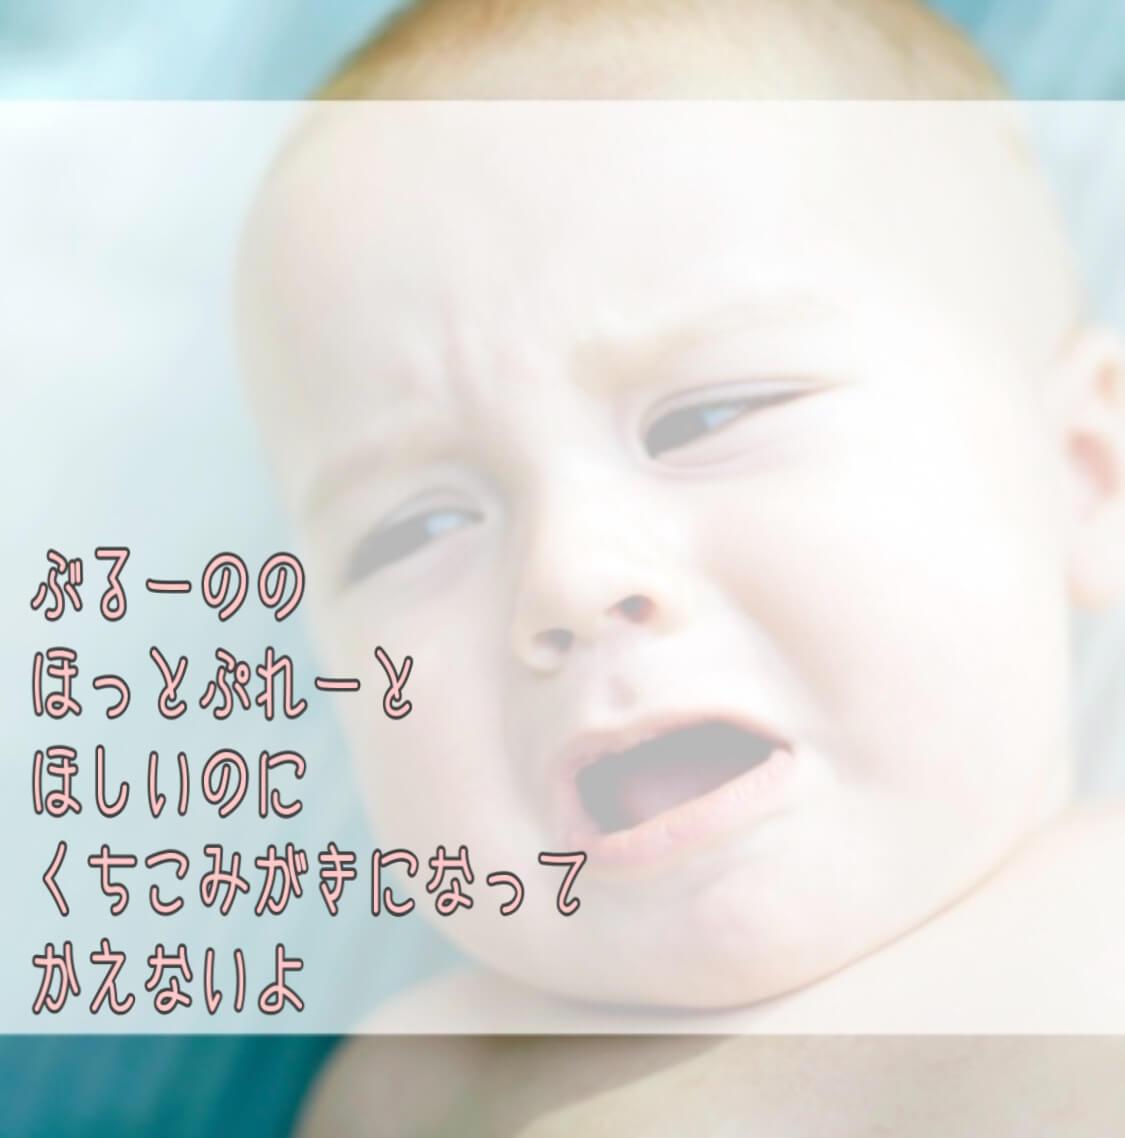 Jp見聞録 BRUNO ブルーノ ホットプレート 口コミ レビュー